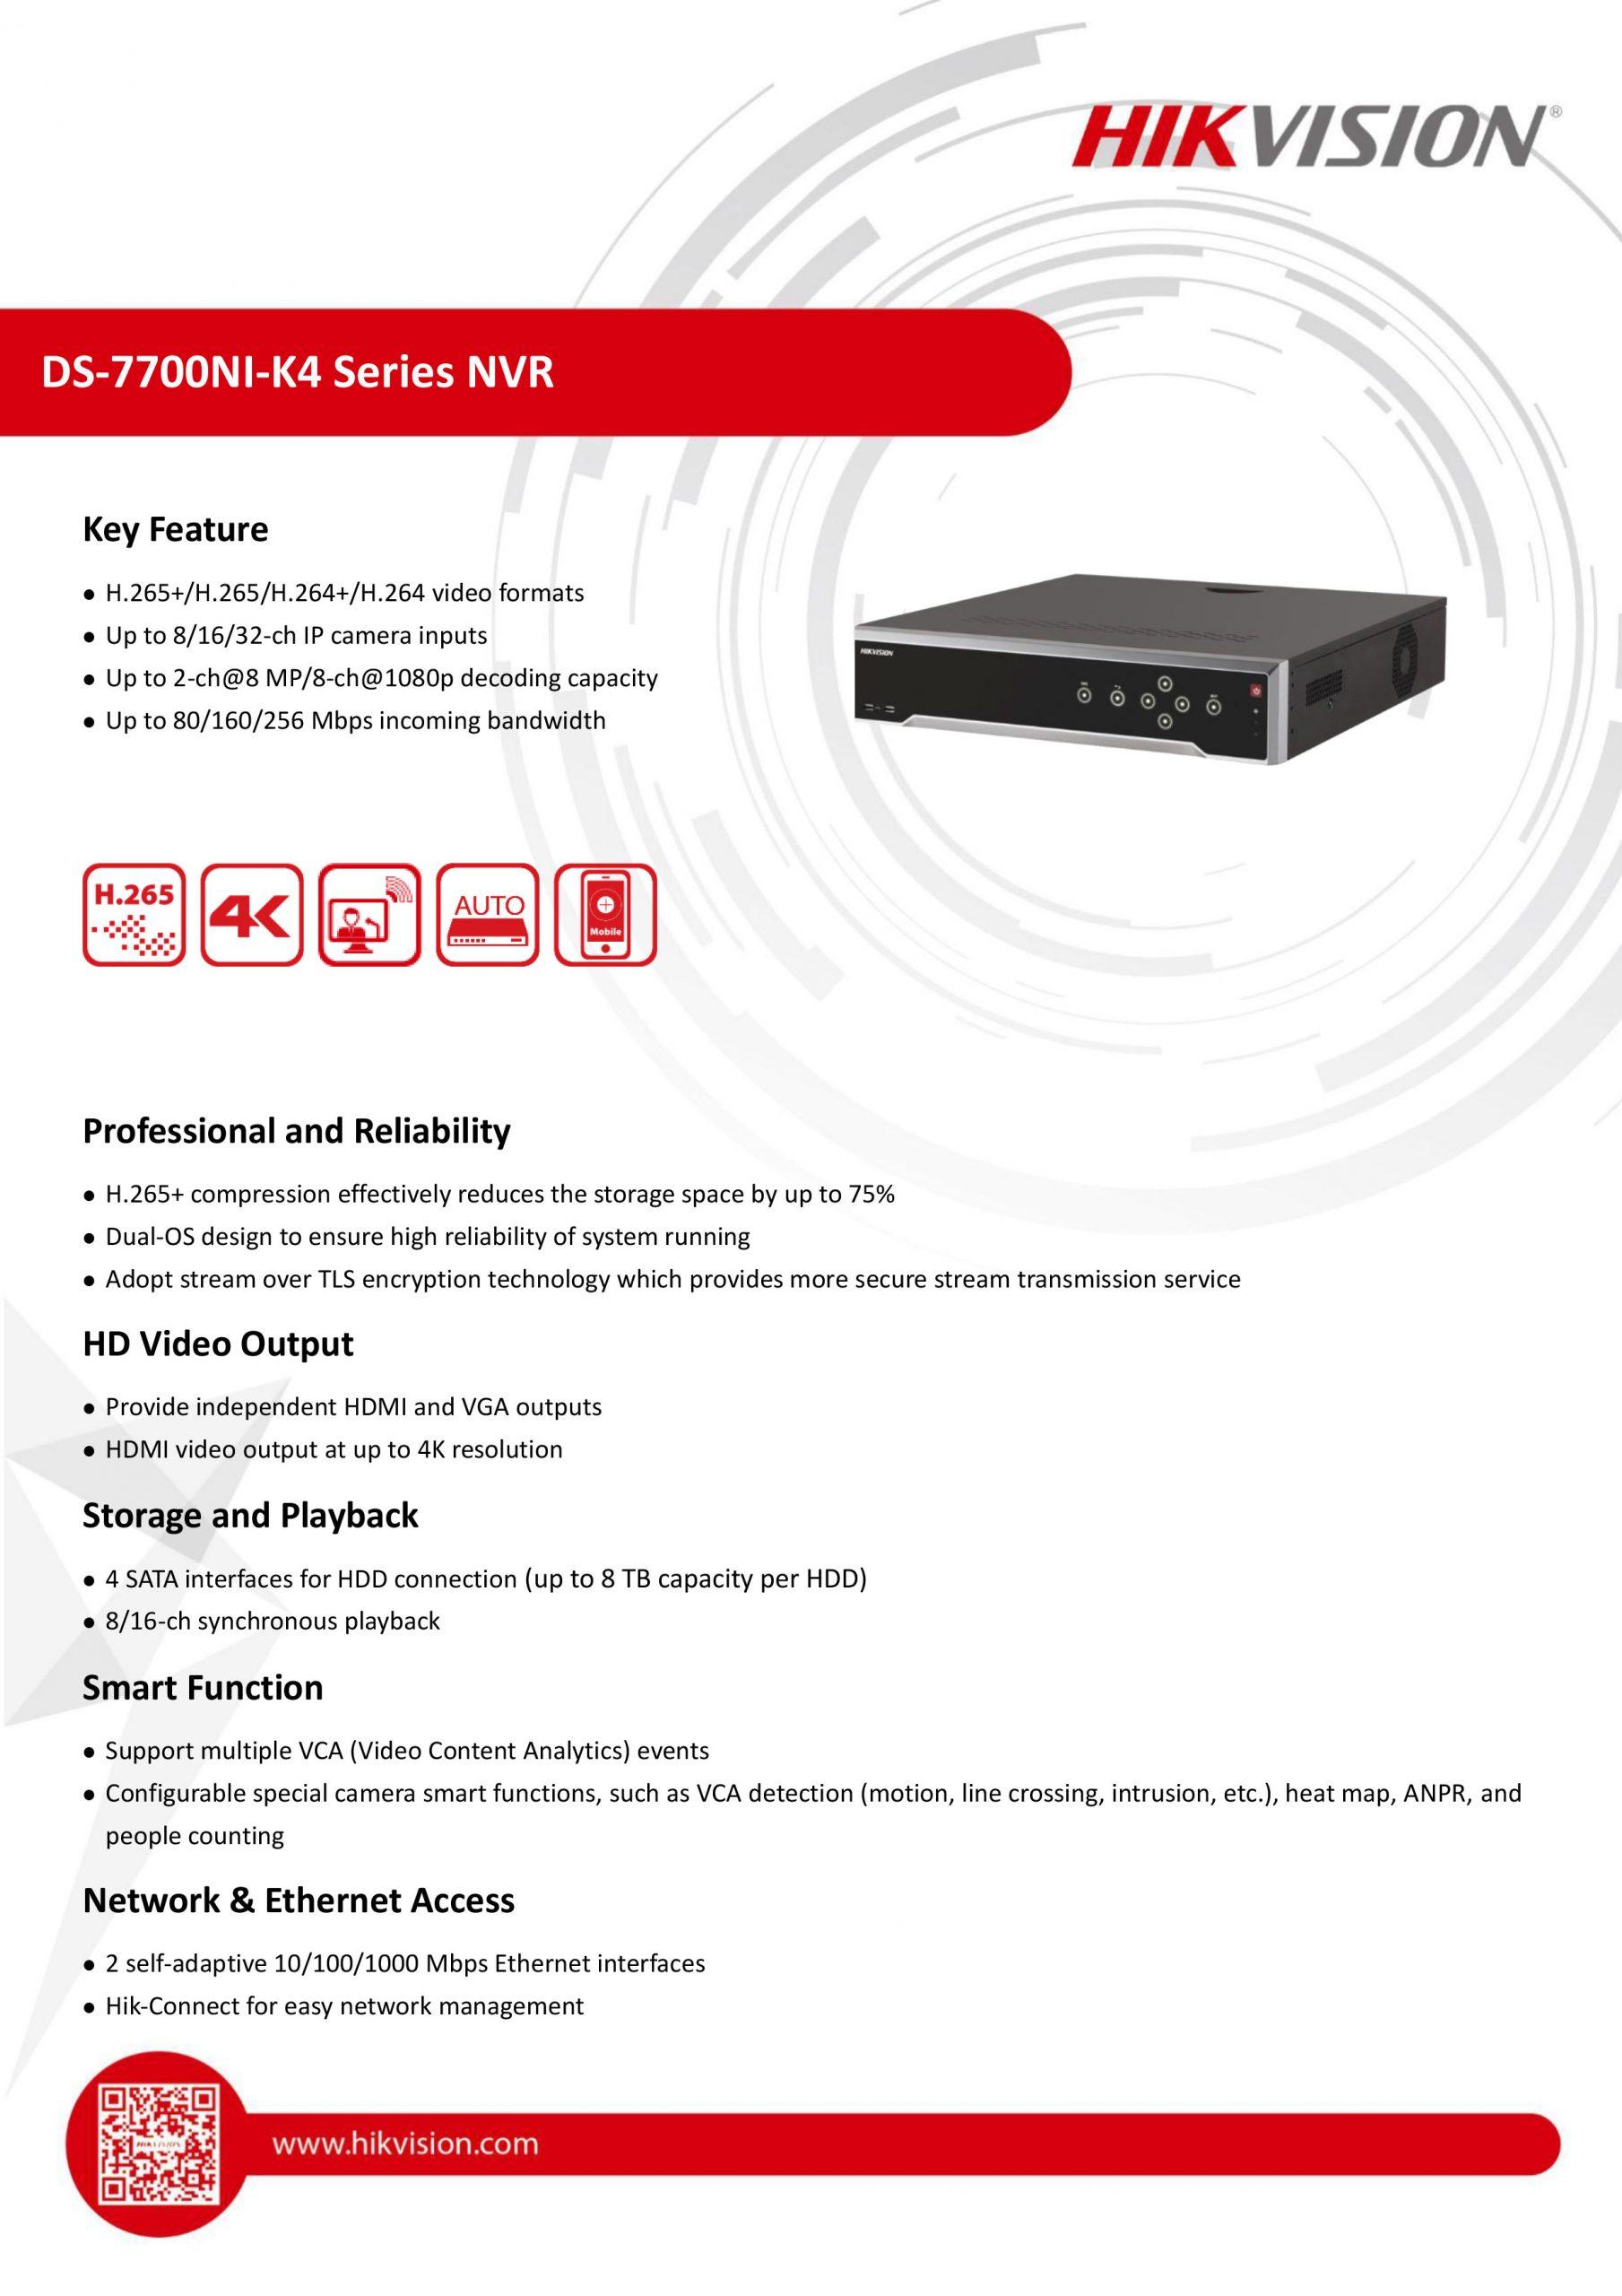 Hikvision DS-7732NI-K4 32-ch 1.5U 4K NVR